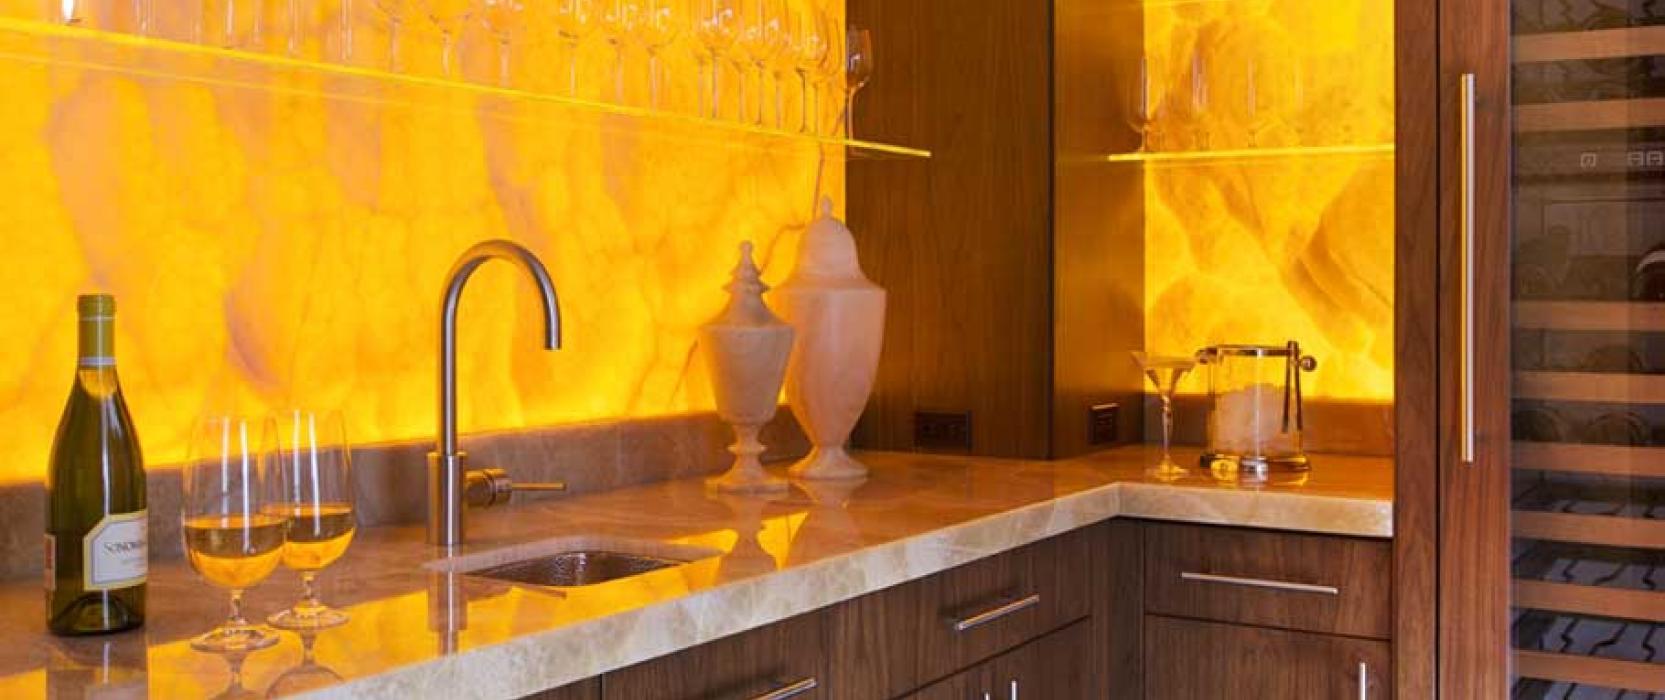 High-end custom crafted wet bar by Adams & Beasley Associates